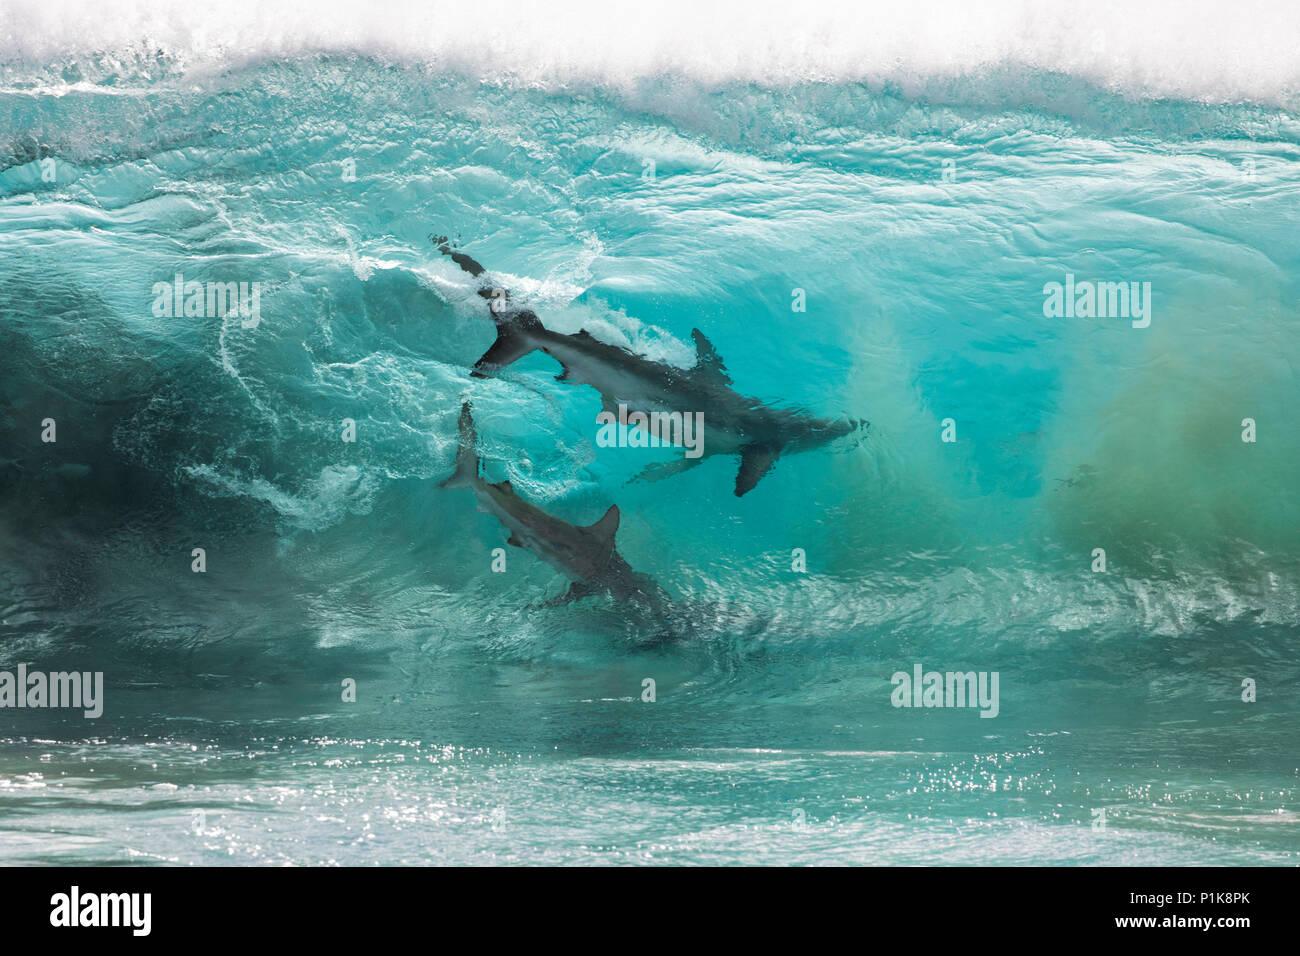 Tiburones alimentándose de una bola de cebo en el Rompiendo las olas del océano, Carnarvon, en Australia Occidental, Australia Foto de stock